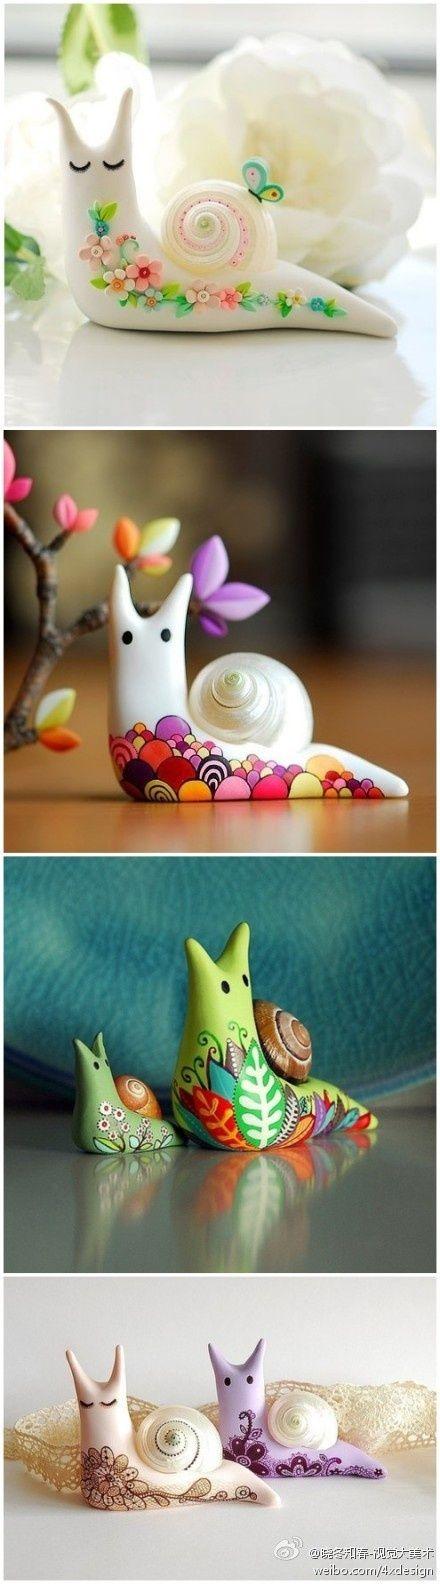 jolis escargots